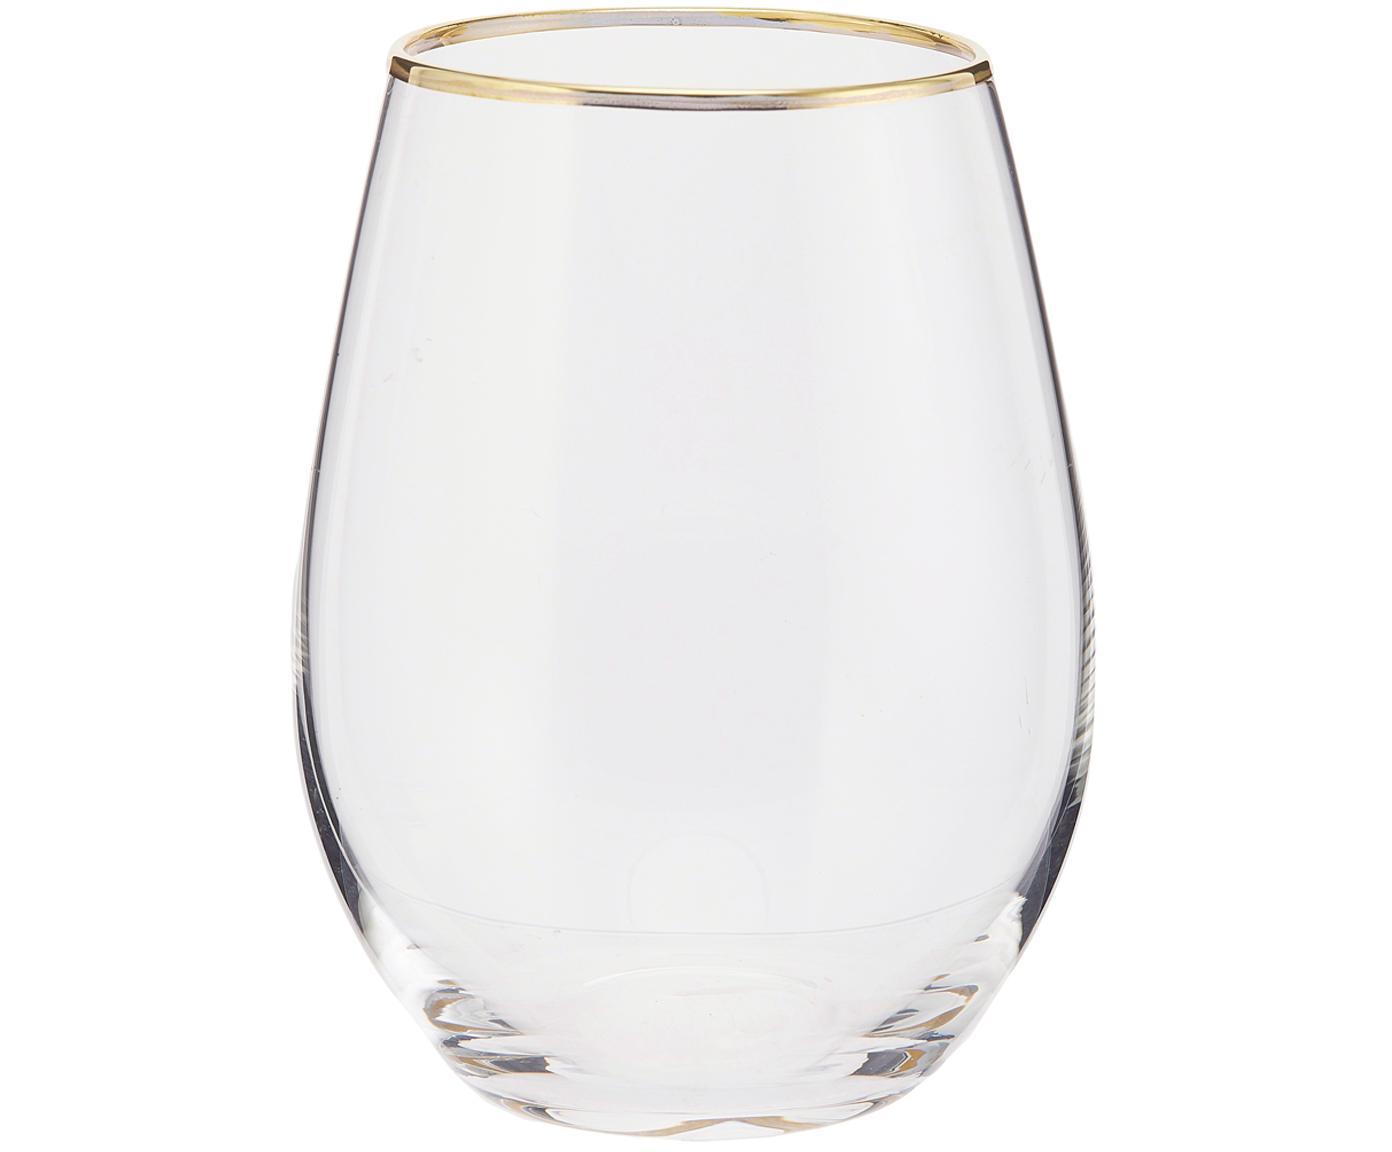 Szklanka do wody Chloe, 4 szt., Szkło, Transparentny, odcienie złotego, Ø 10 x W 15 cm